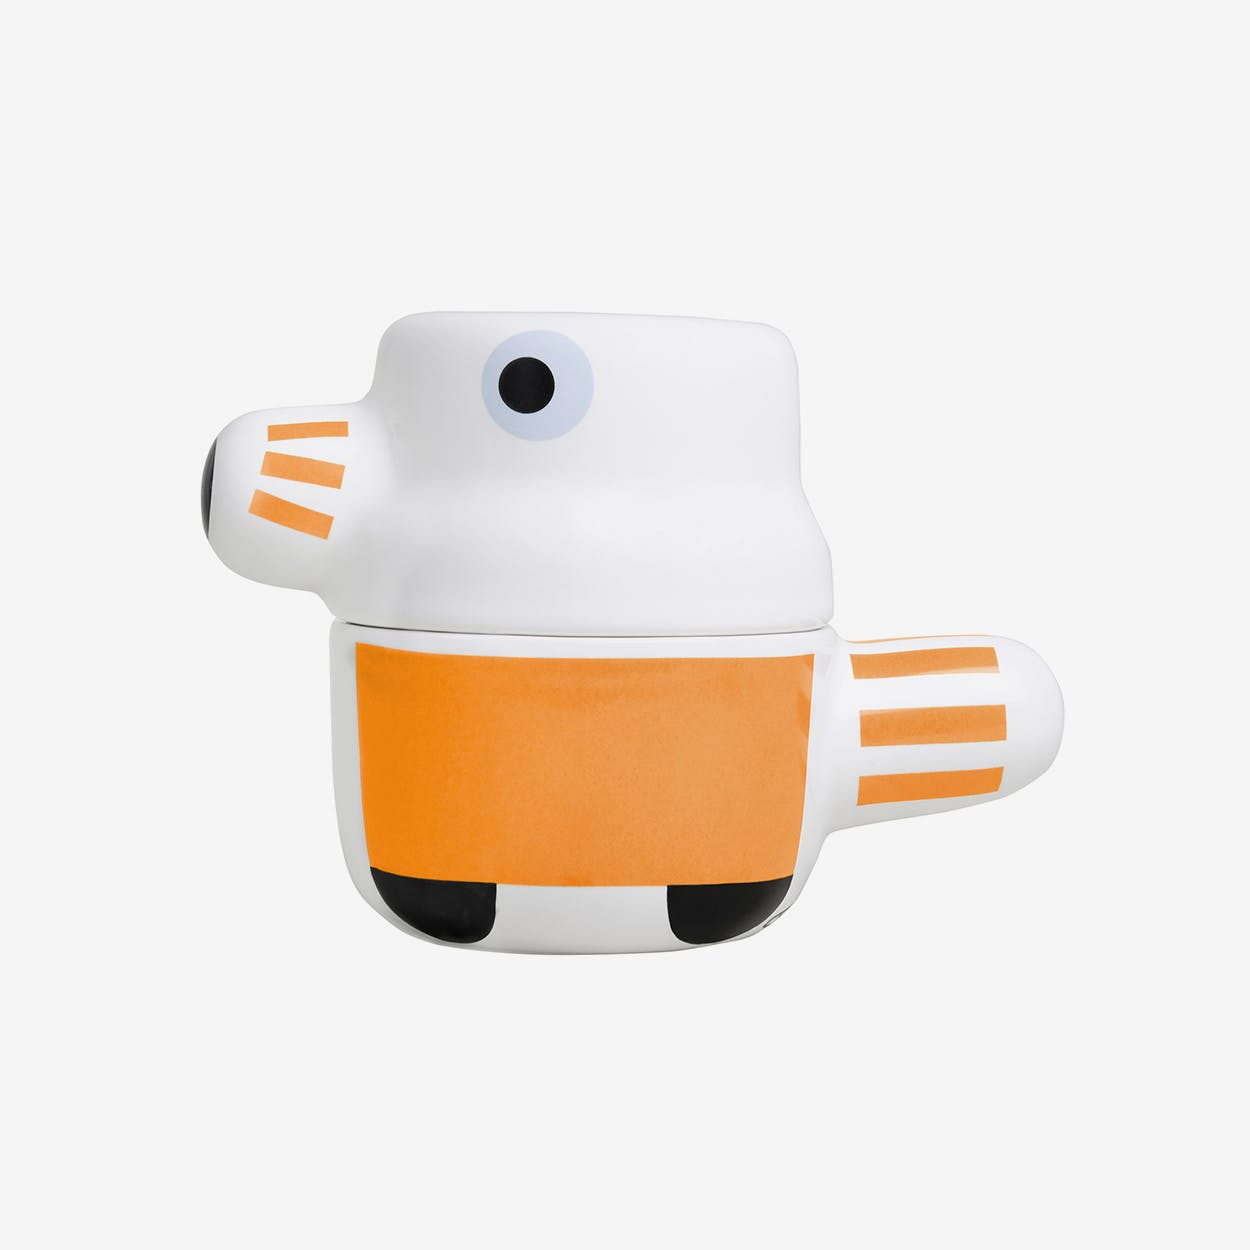 The Pet - Ceramic Pot with Lid / Orange